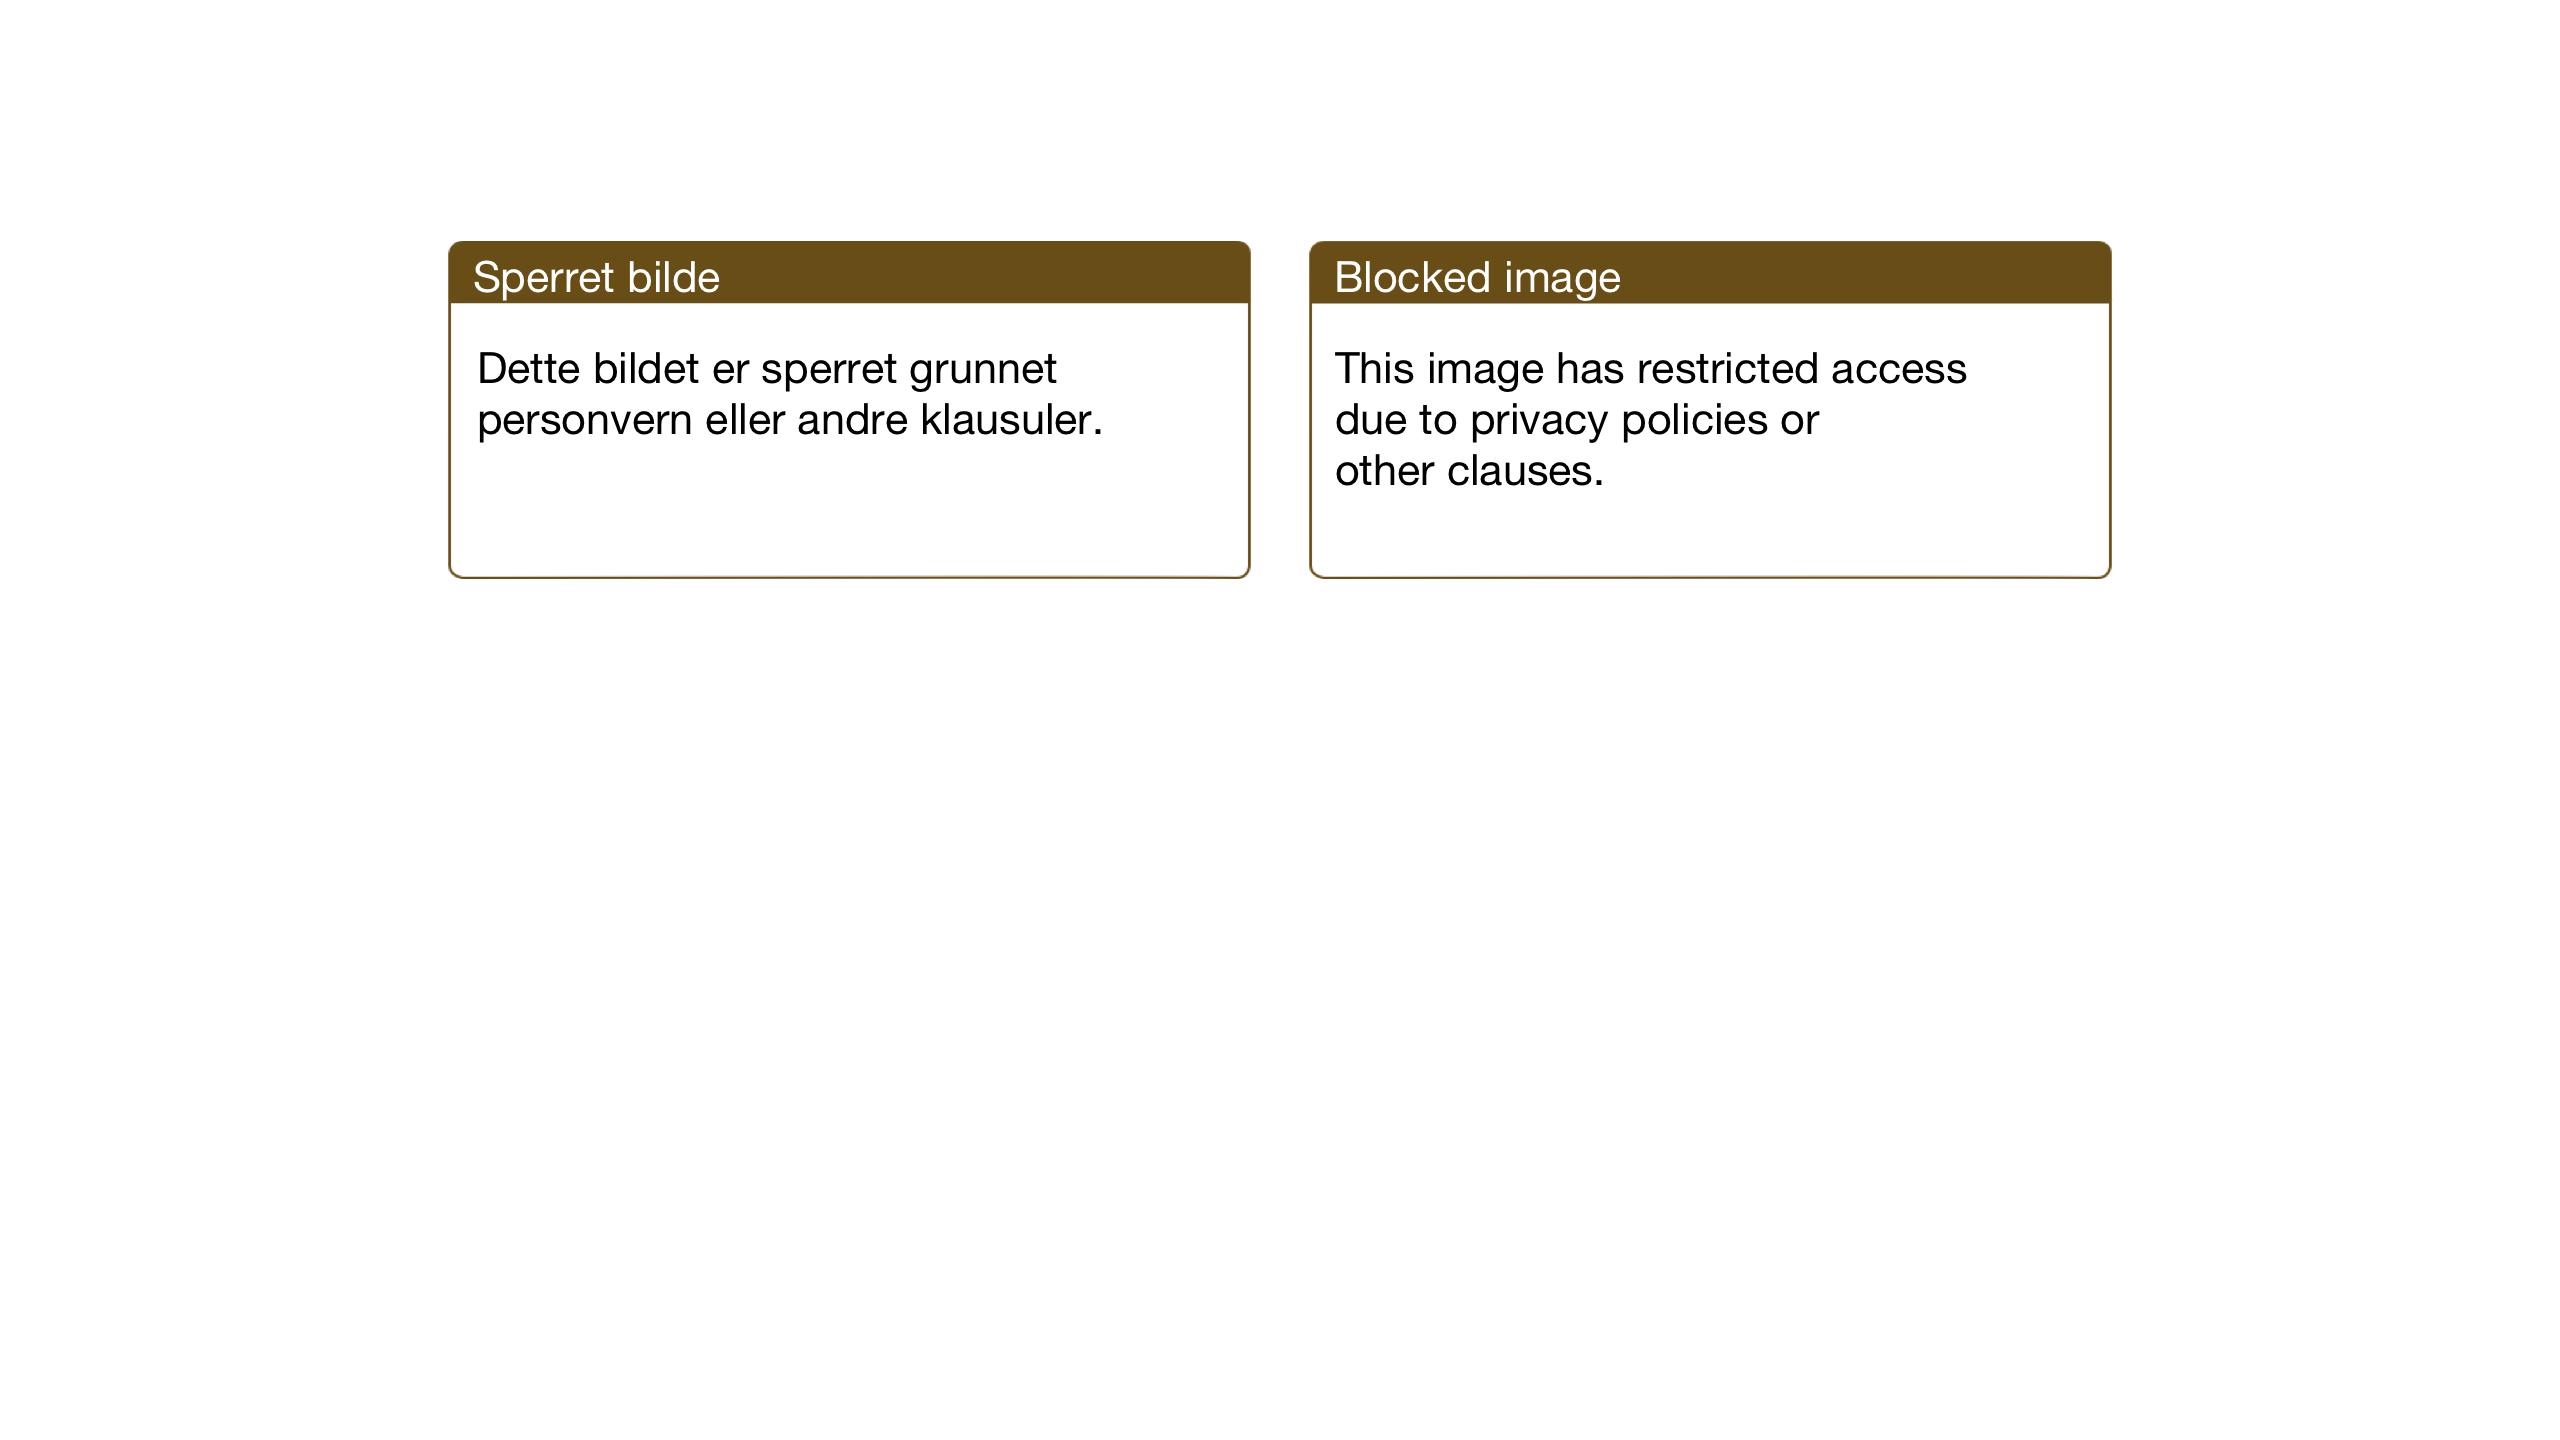 SAT, Ministerialprotokoller, klokkerbøker og fødselsregistre - Sør-Trøndelag, 638/L0569: Klokkerbok nr. 638C01, 1923-1961, s. 92